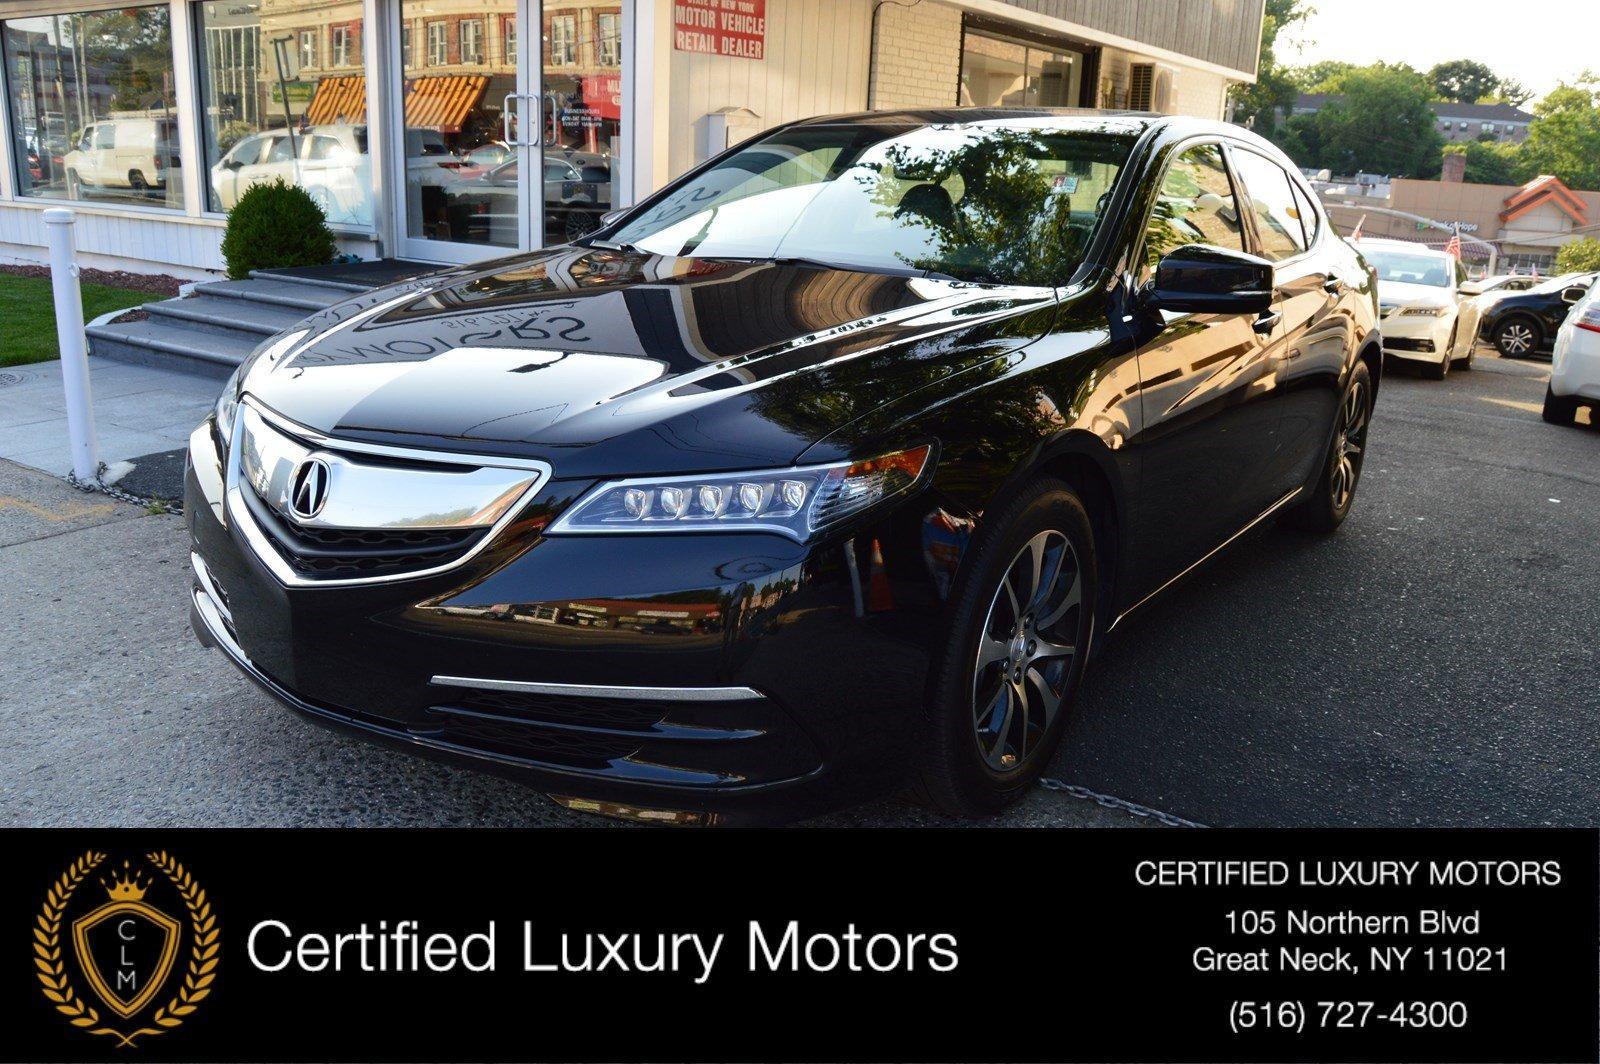 Acura Dealer Ny >> 2015 Acura Tlx V6 Stock 6238 For Sale Near Great Neck Ny Ny